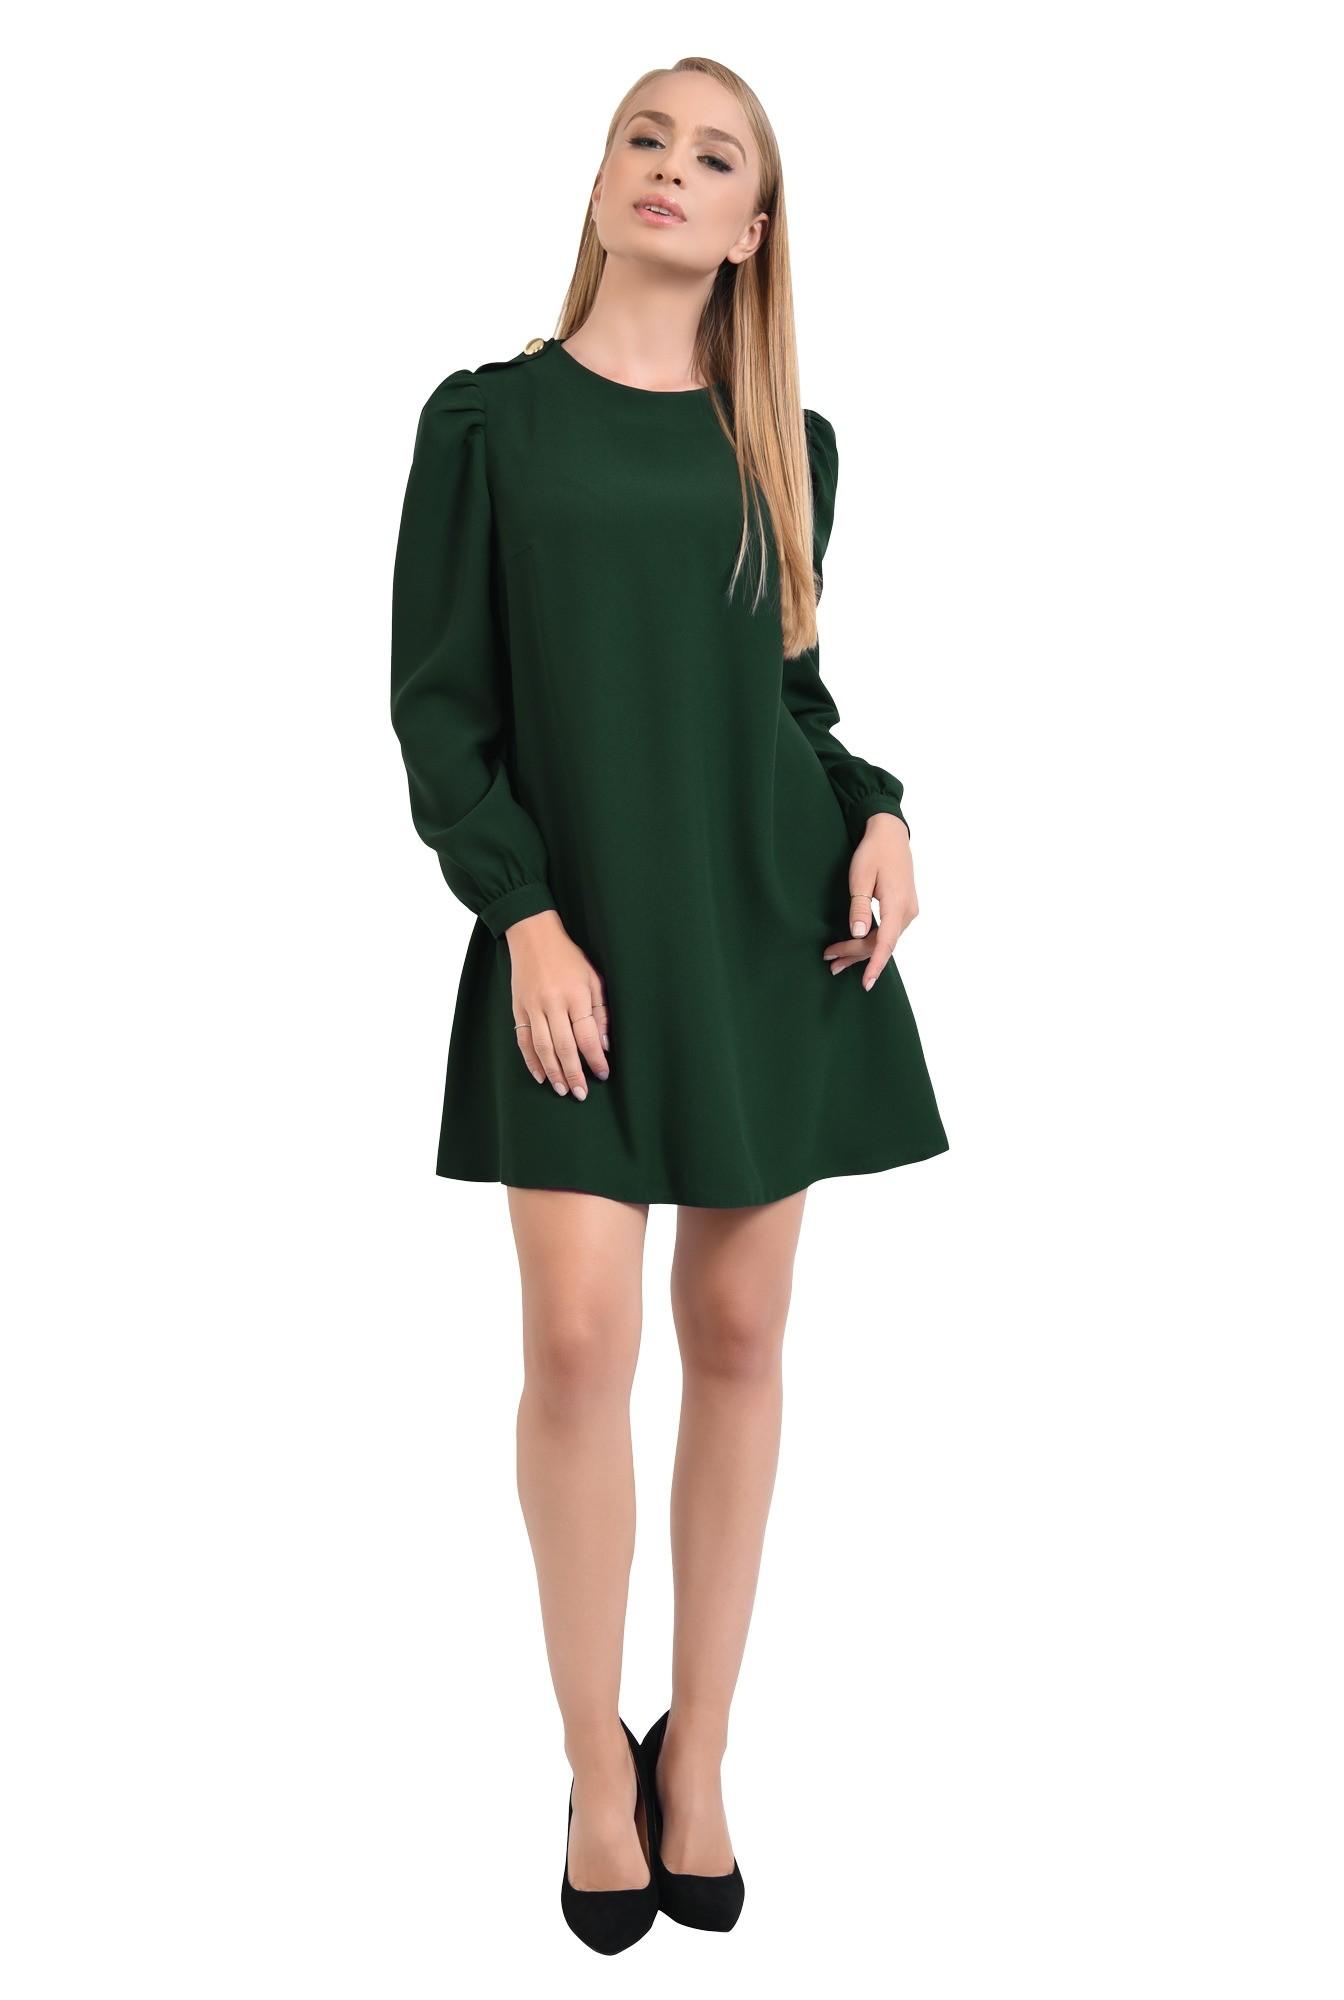 360 - rochie de zi, croi evazat, verde inchis, epoleti, cu nasture fantezie